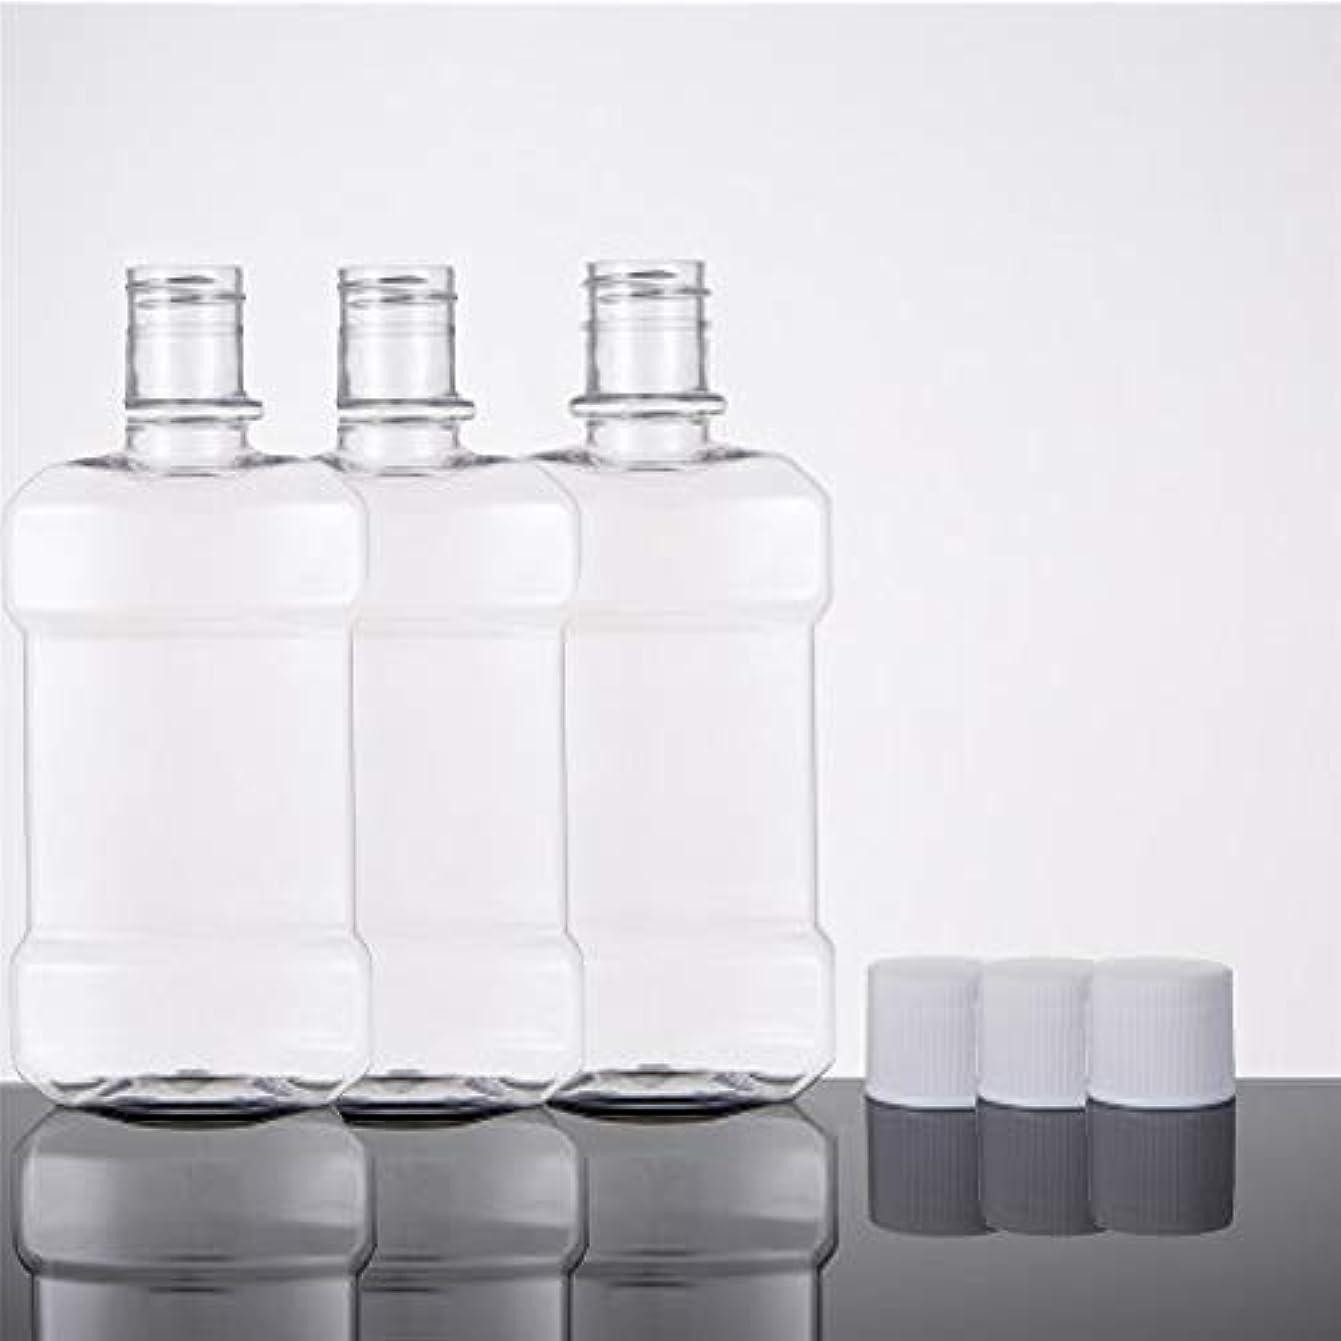 せがむ急いで今日SHKI マウスウォッシュ専用詰め替えボトル 250ml*3個 空ボトル 3個セット 持ち運び便利